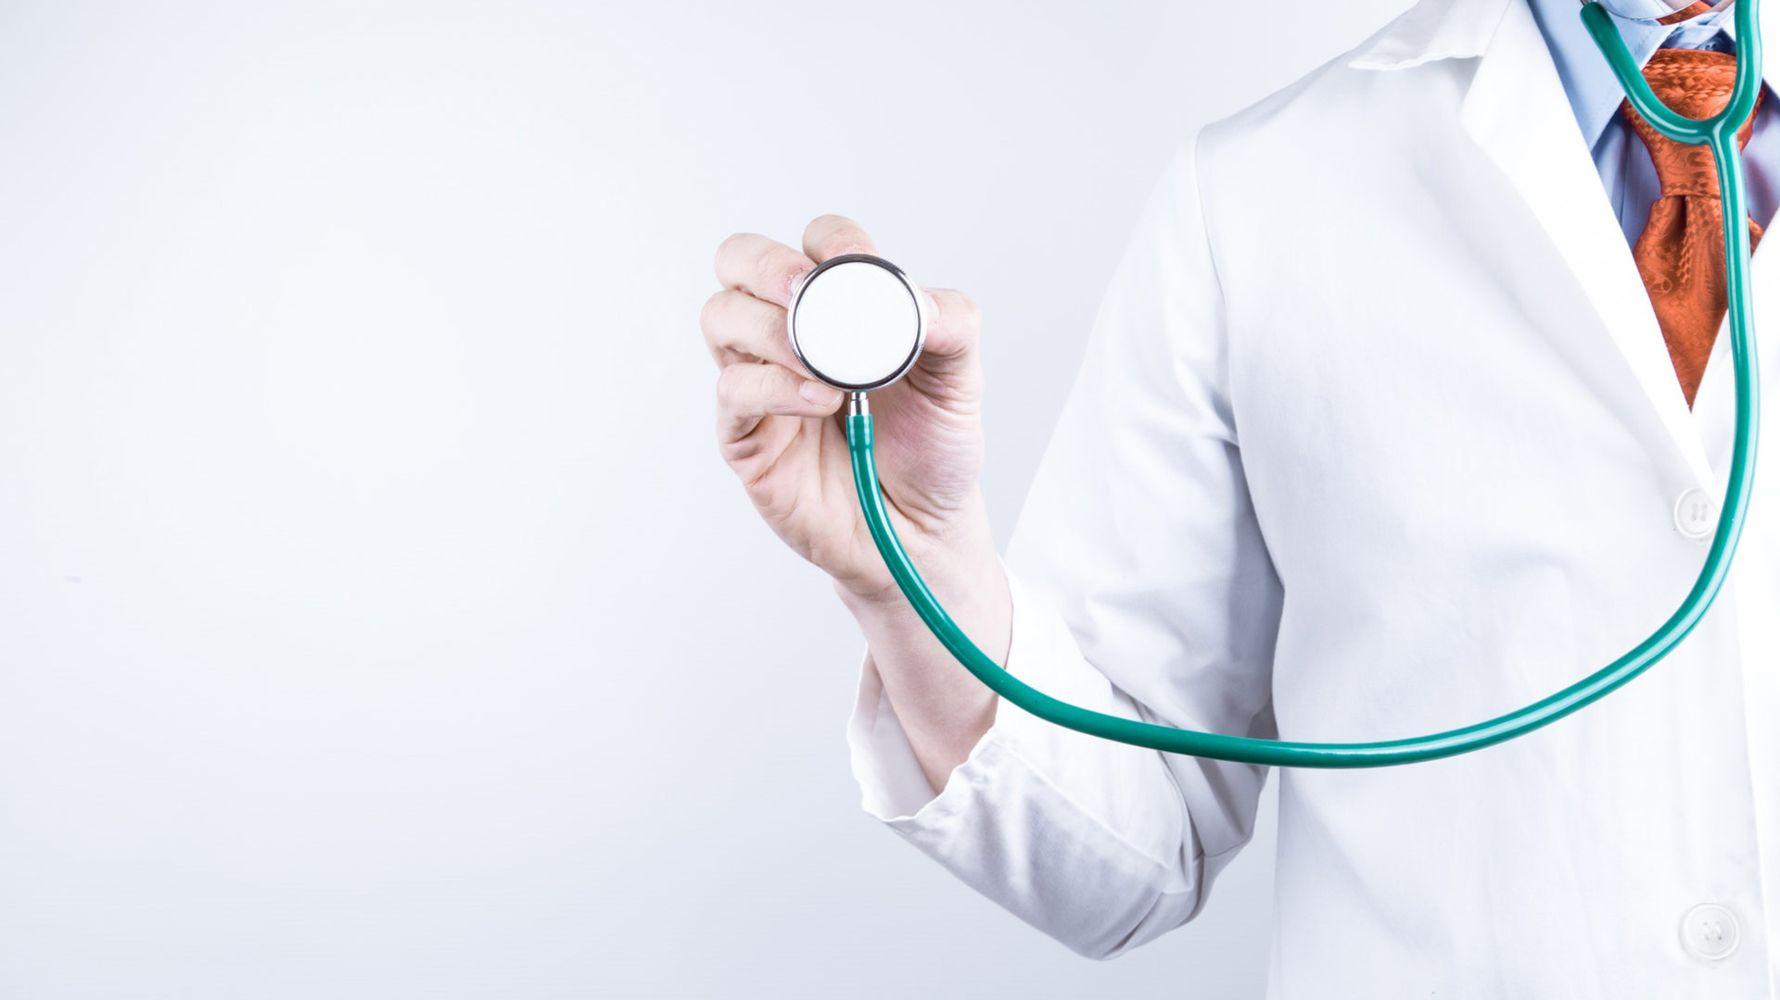 طبيب مكان العمل